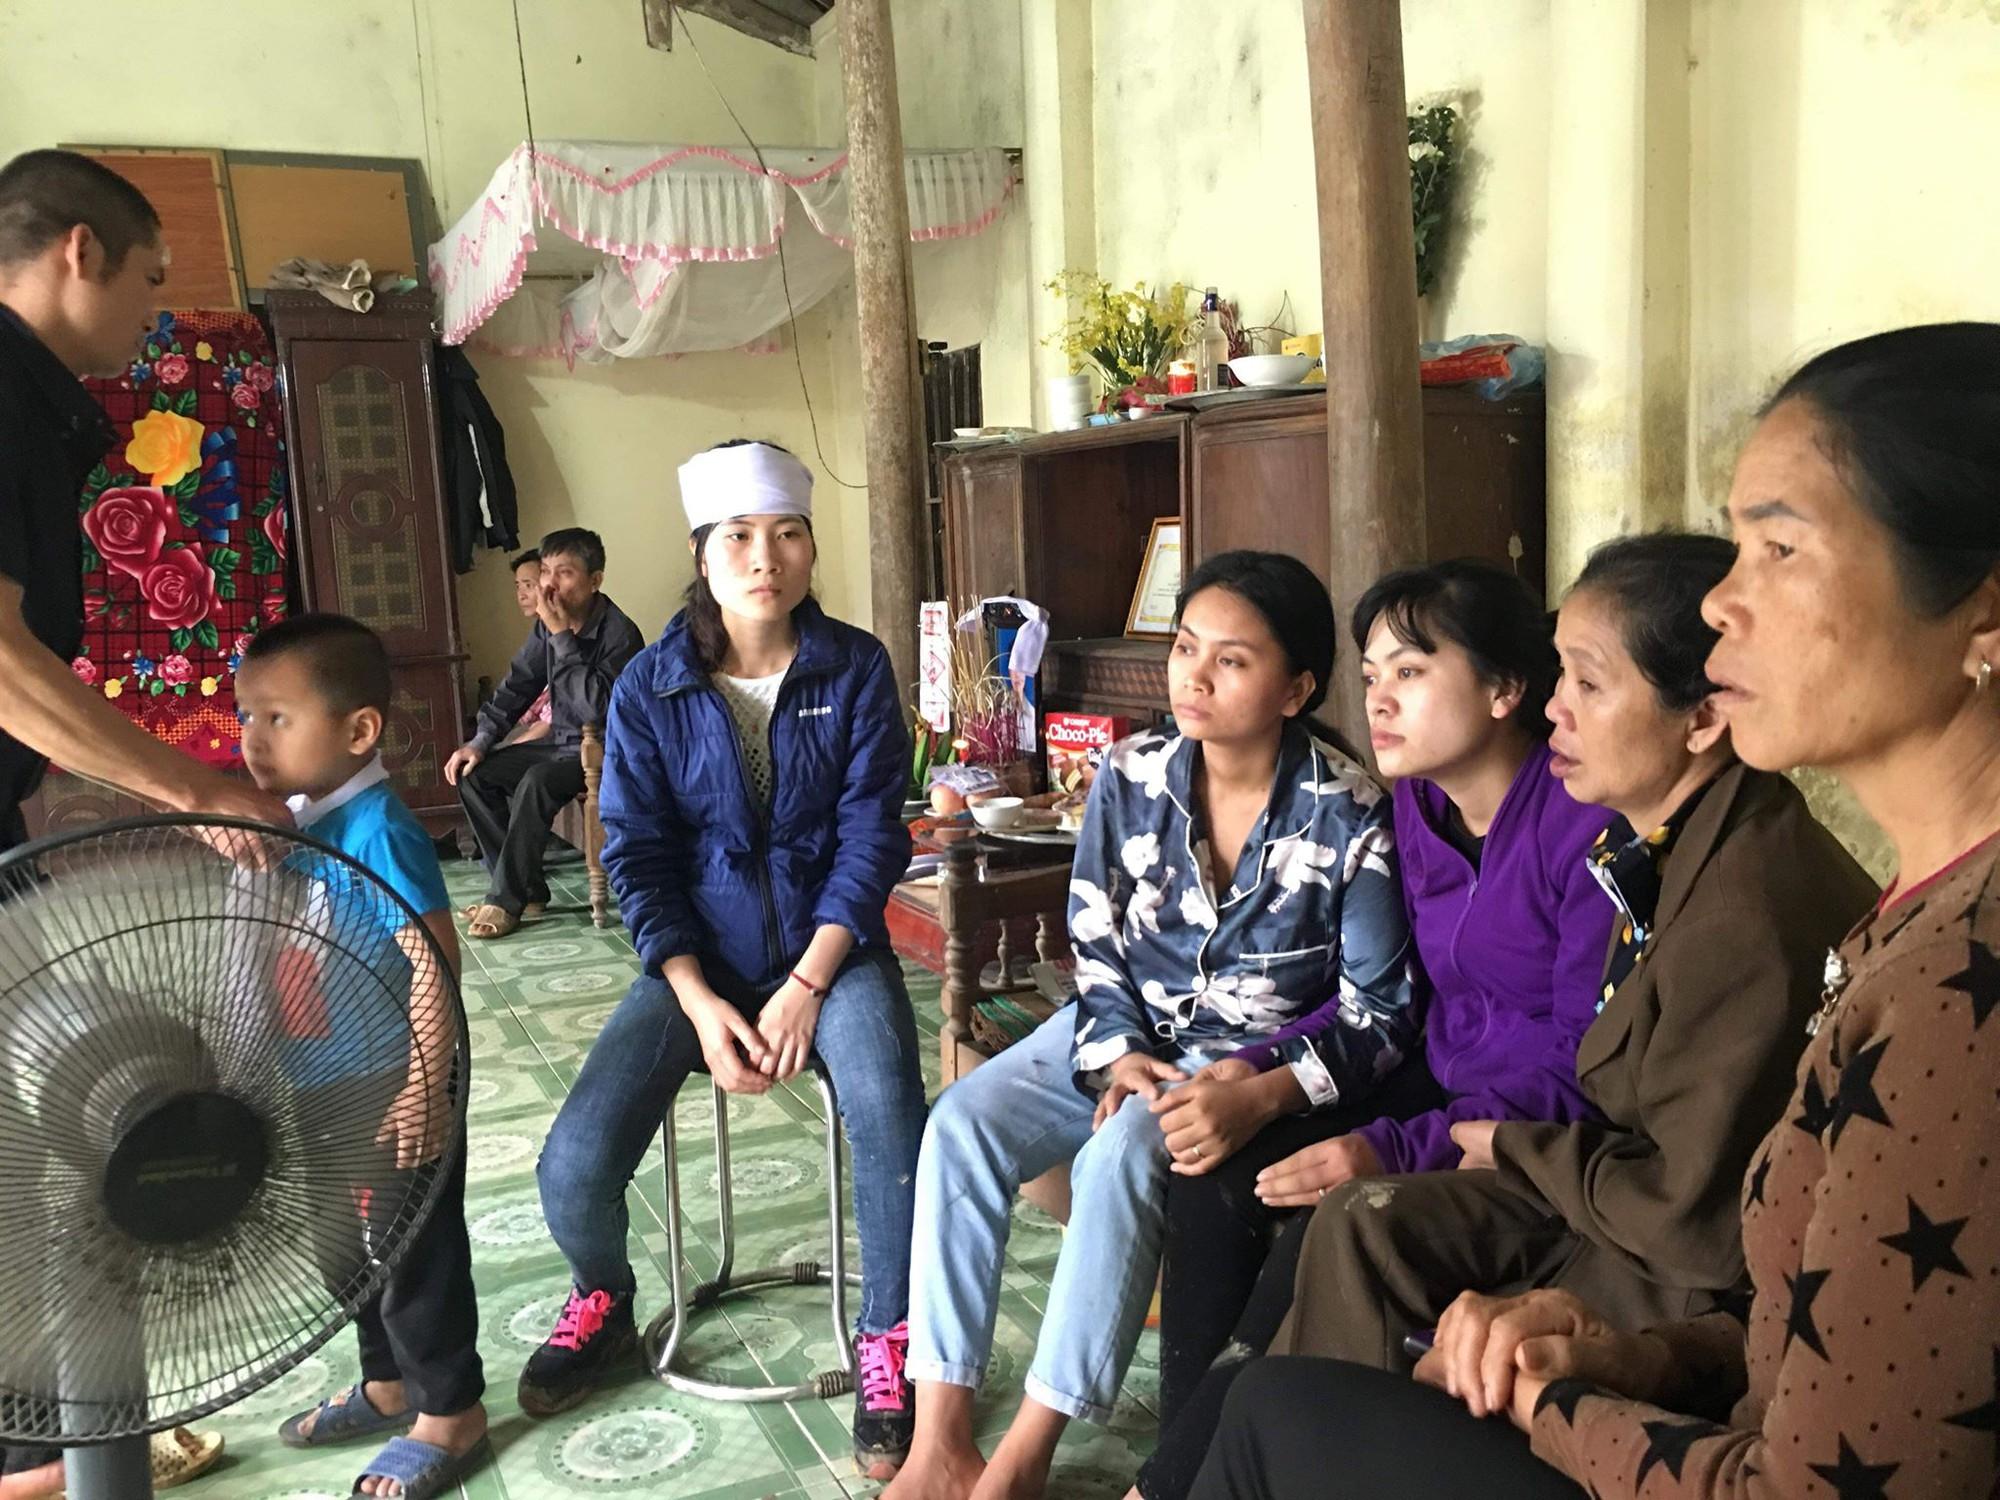 Vụ giết bạn gái rồi tự tử ở Thái Nguyên: Cơ quan Điều tra hình sự Quân chủng Phòng không - Không quân thụ lý điều tra